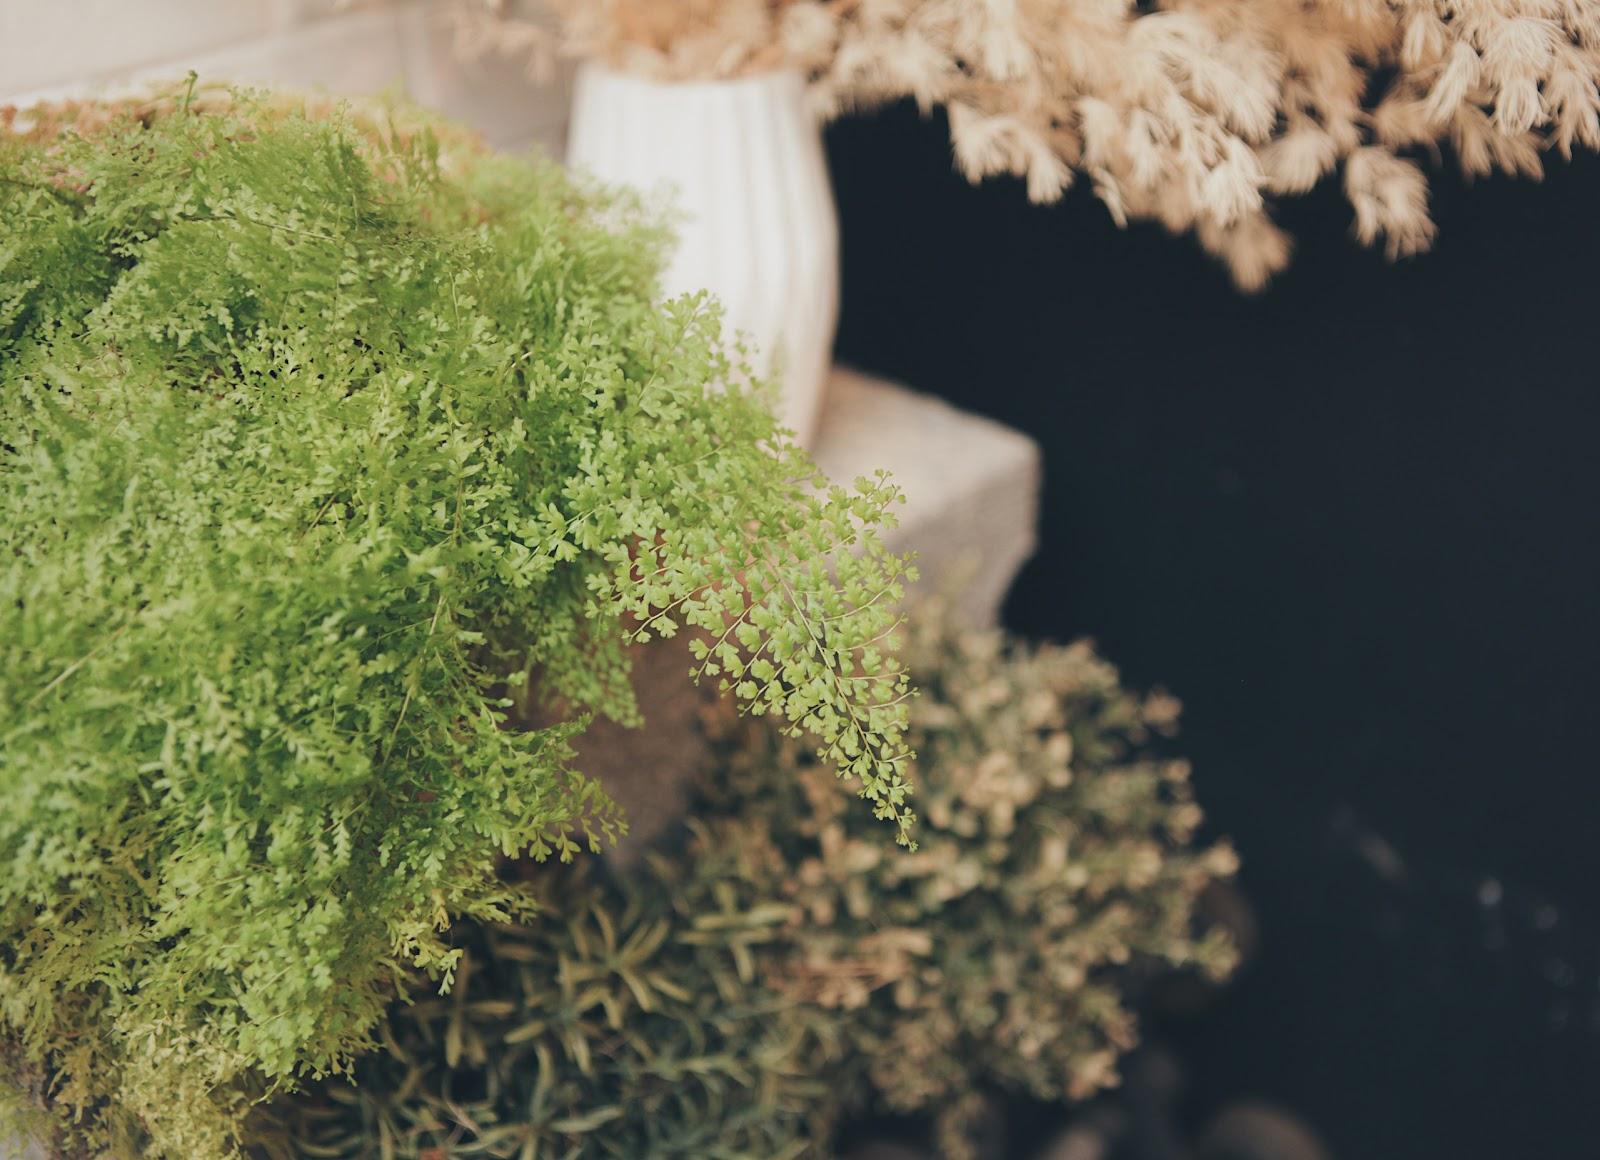 密葉蕾絲蕨 葉片小巧而密,喜歡半日照與潮濕的環境